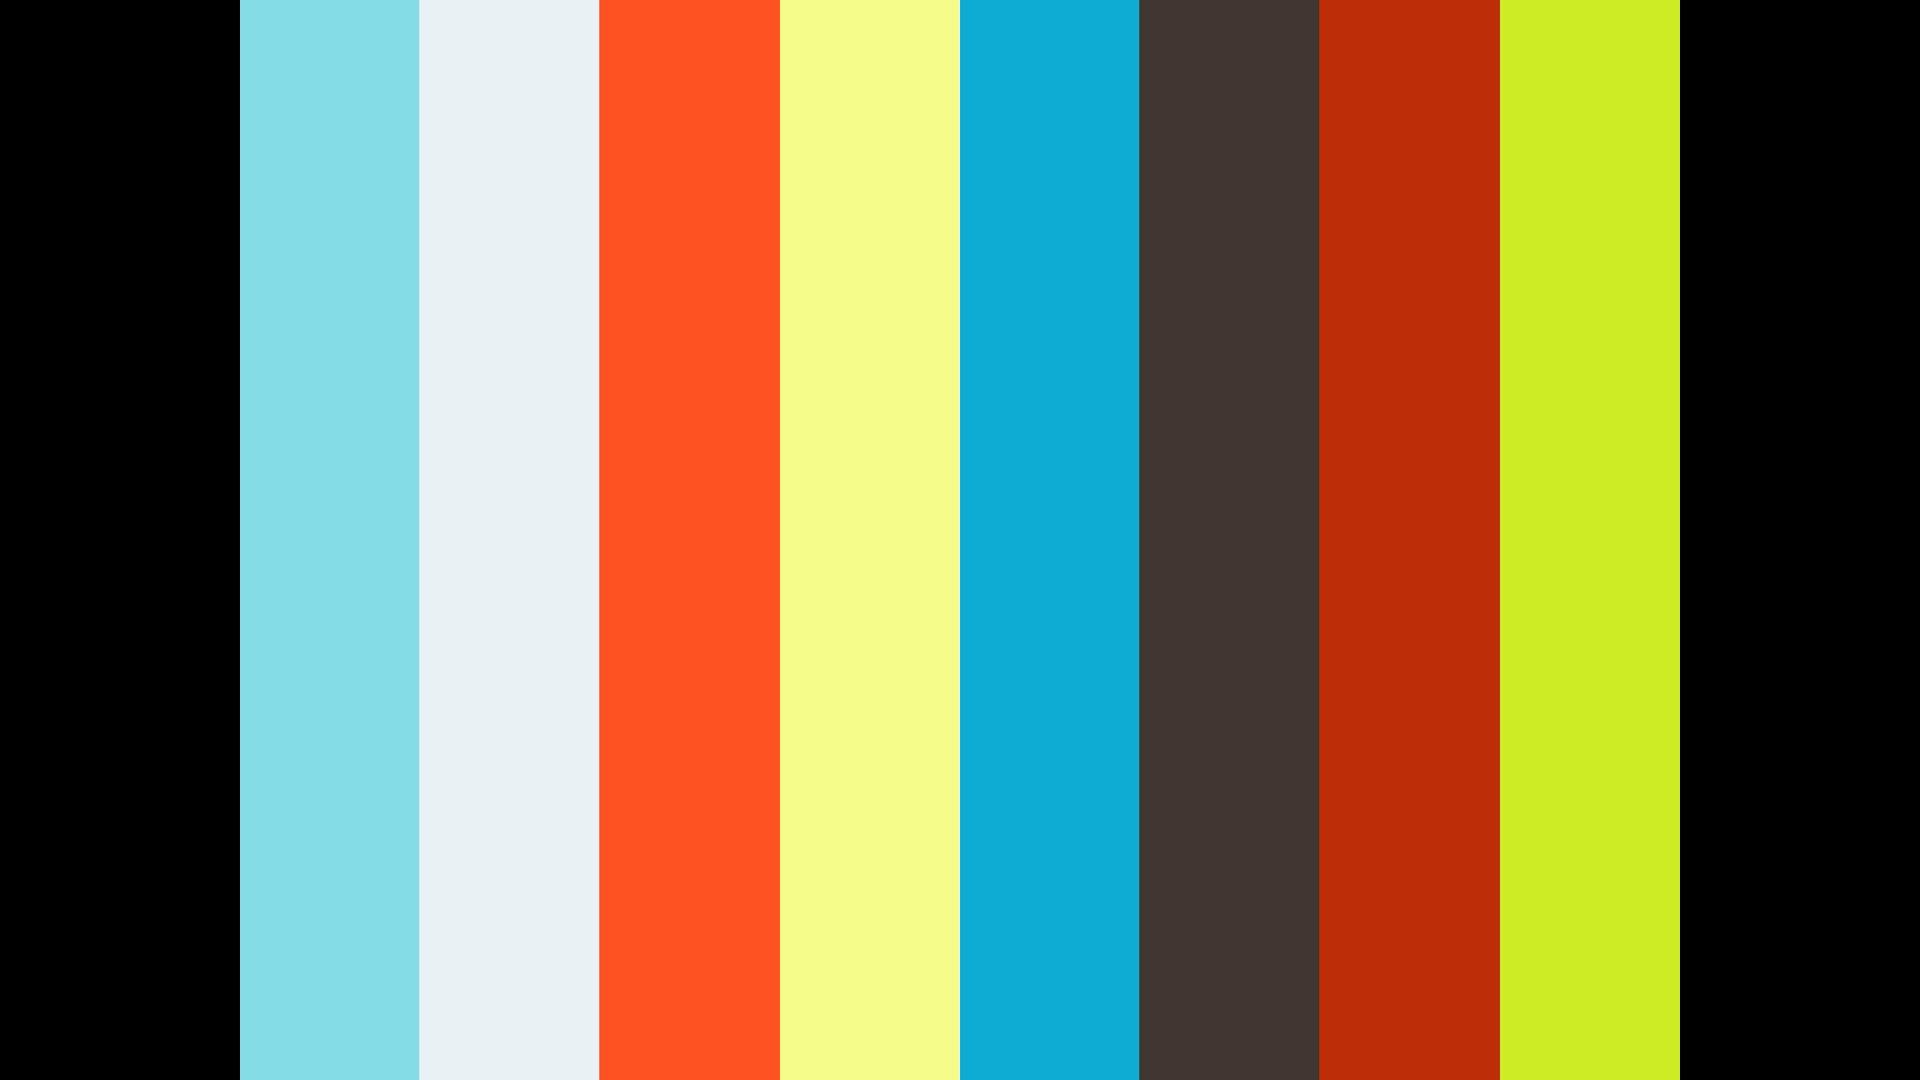 2020-05-21 ILOT TIAMBOUEN - NC